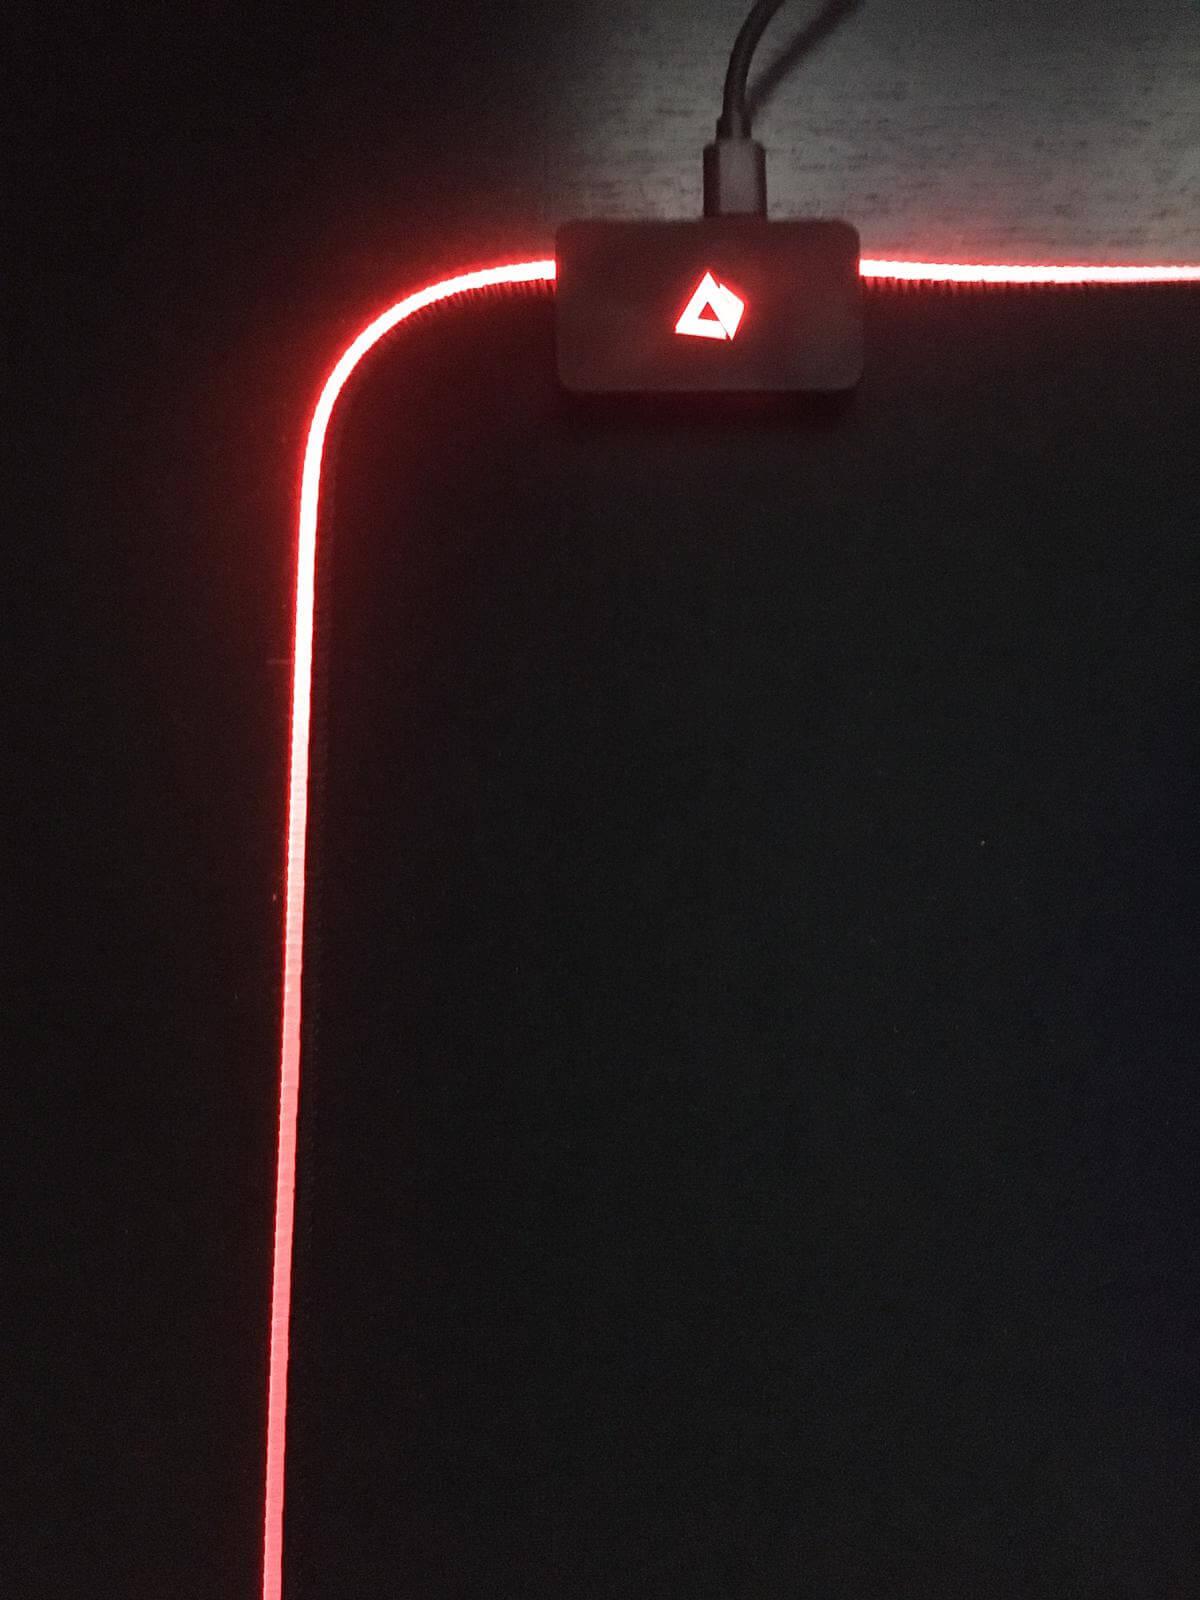 Recensione: AUKEY KM-P6 il mouse pad RGB 3